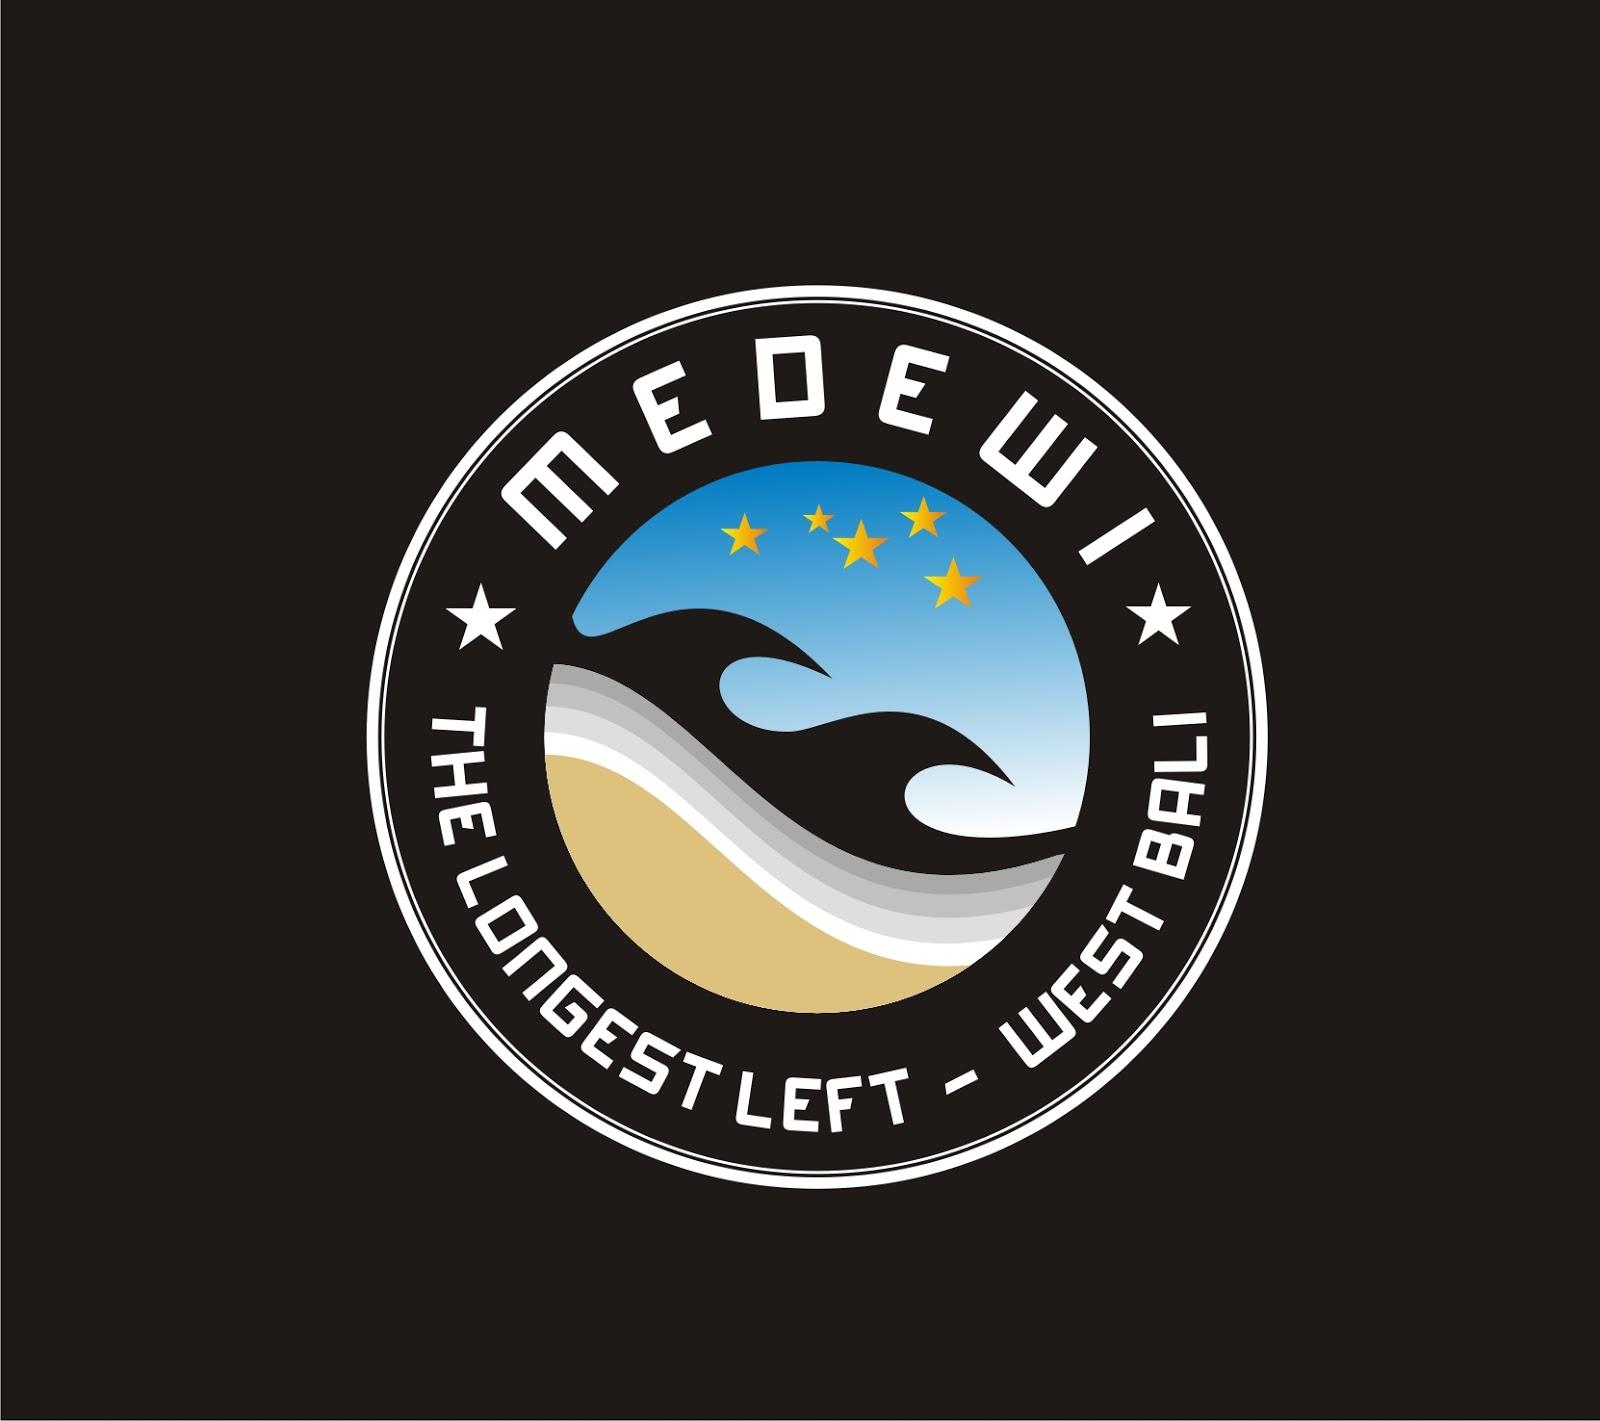 Desain Logo: Contoh Desain Logo Keren